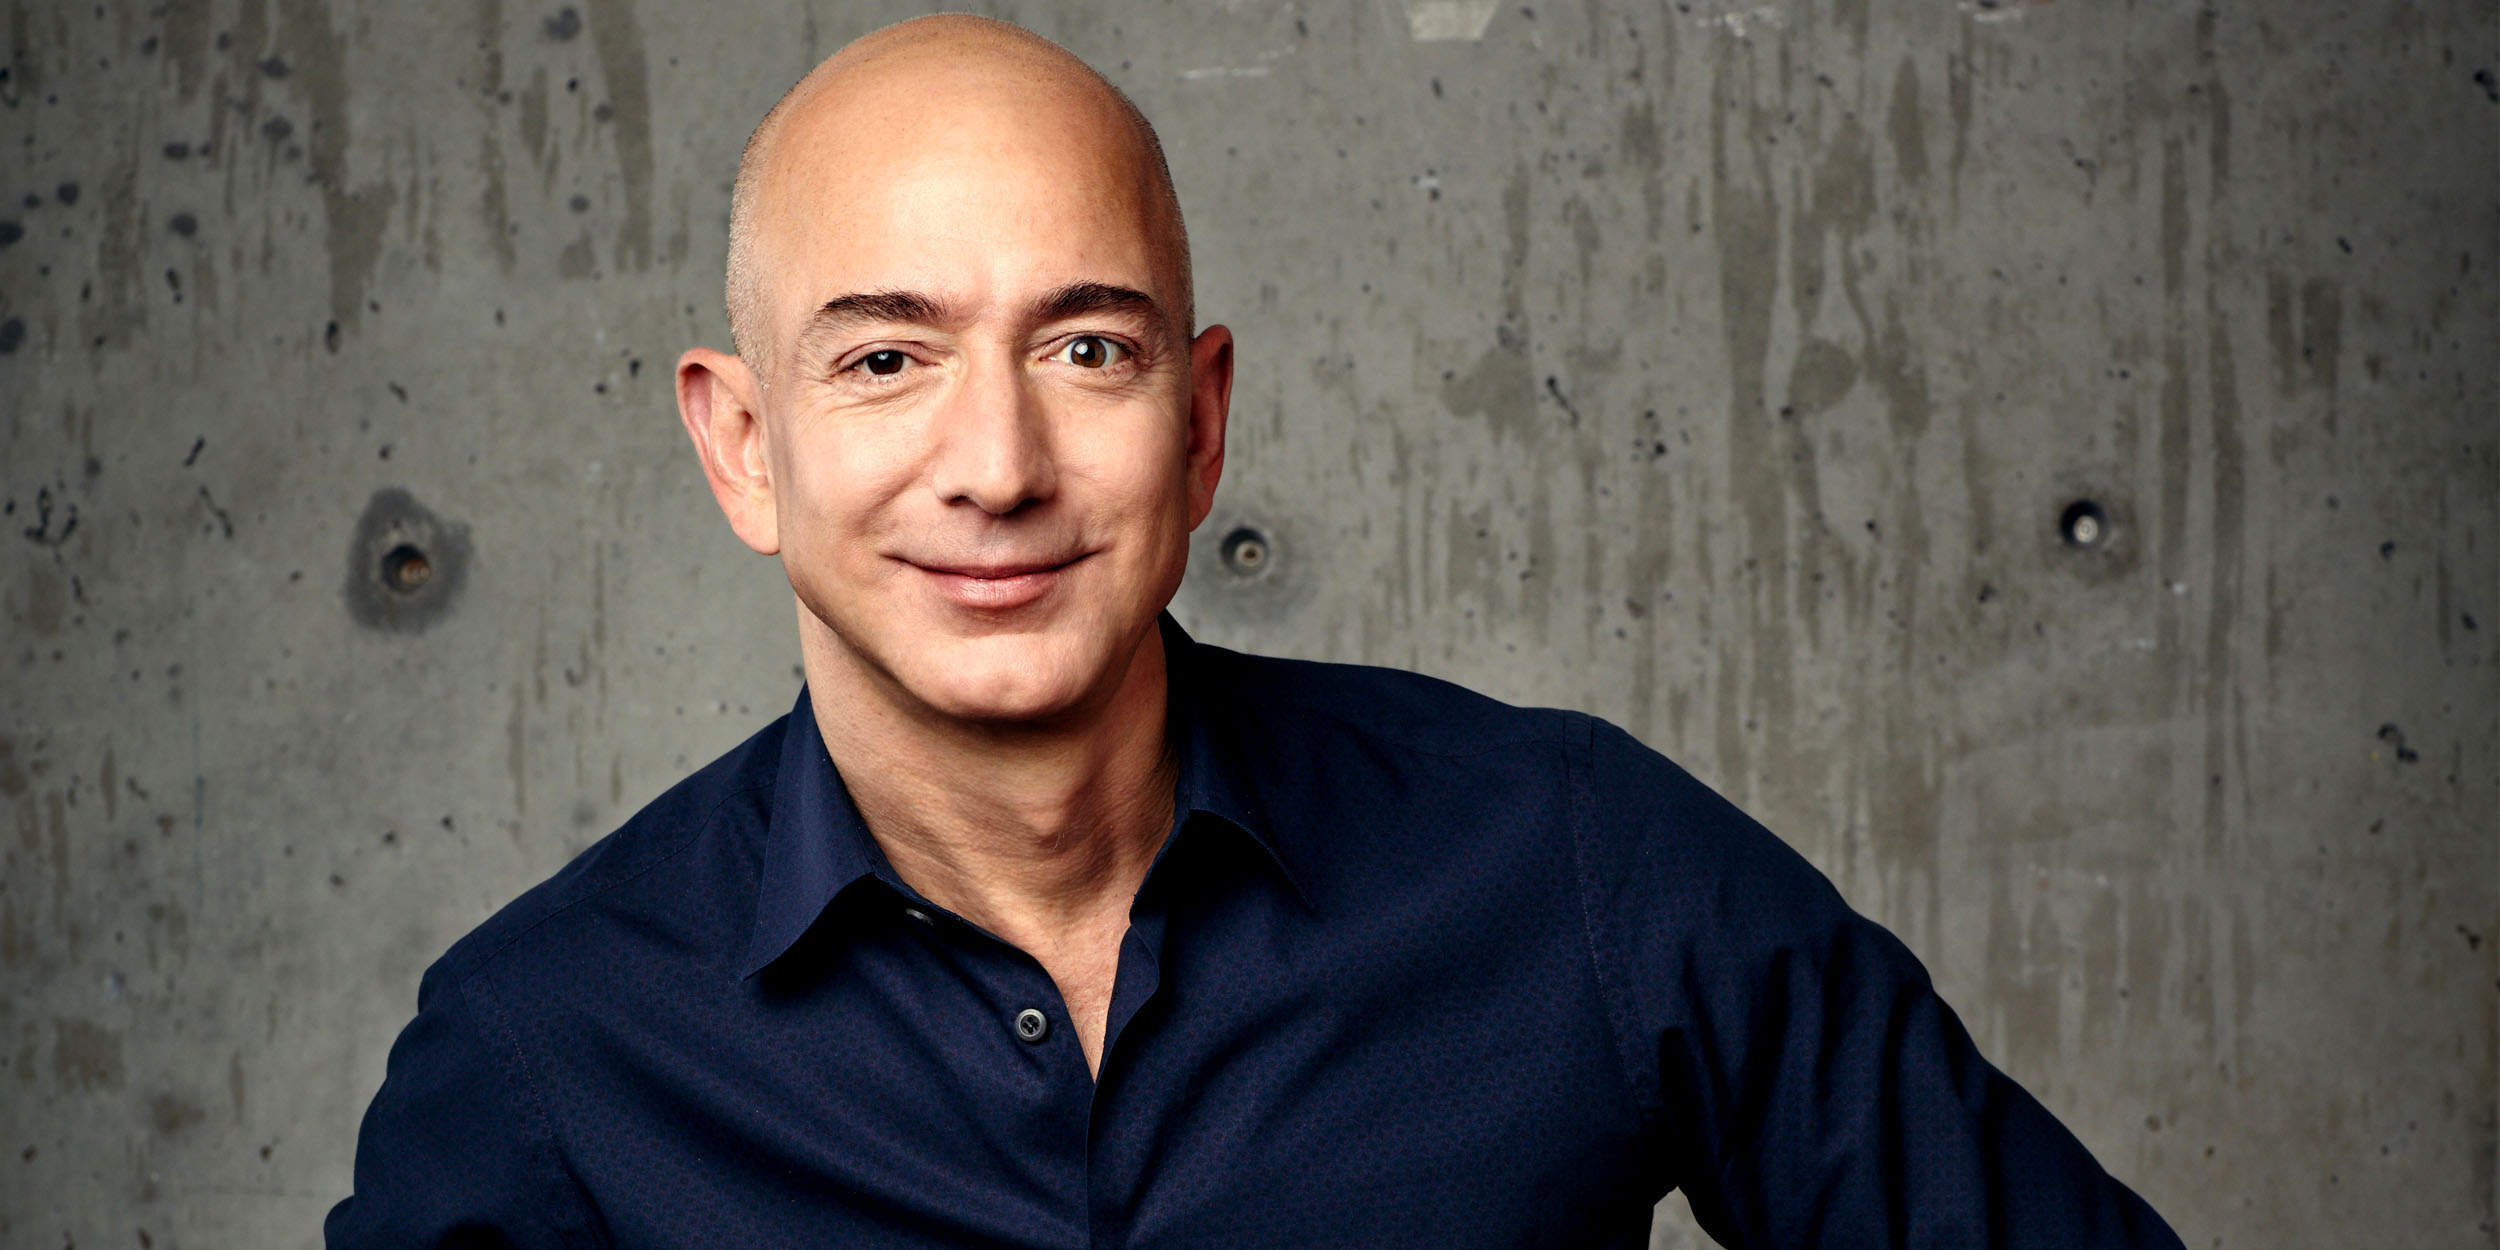 Джефф Безос основал благотворительный фонд на $2 млрд, Джефф Безос, Amazon , Благотворительный фонд